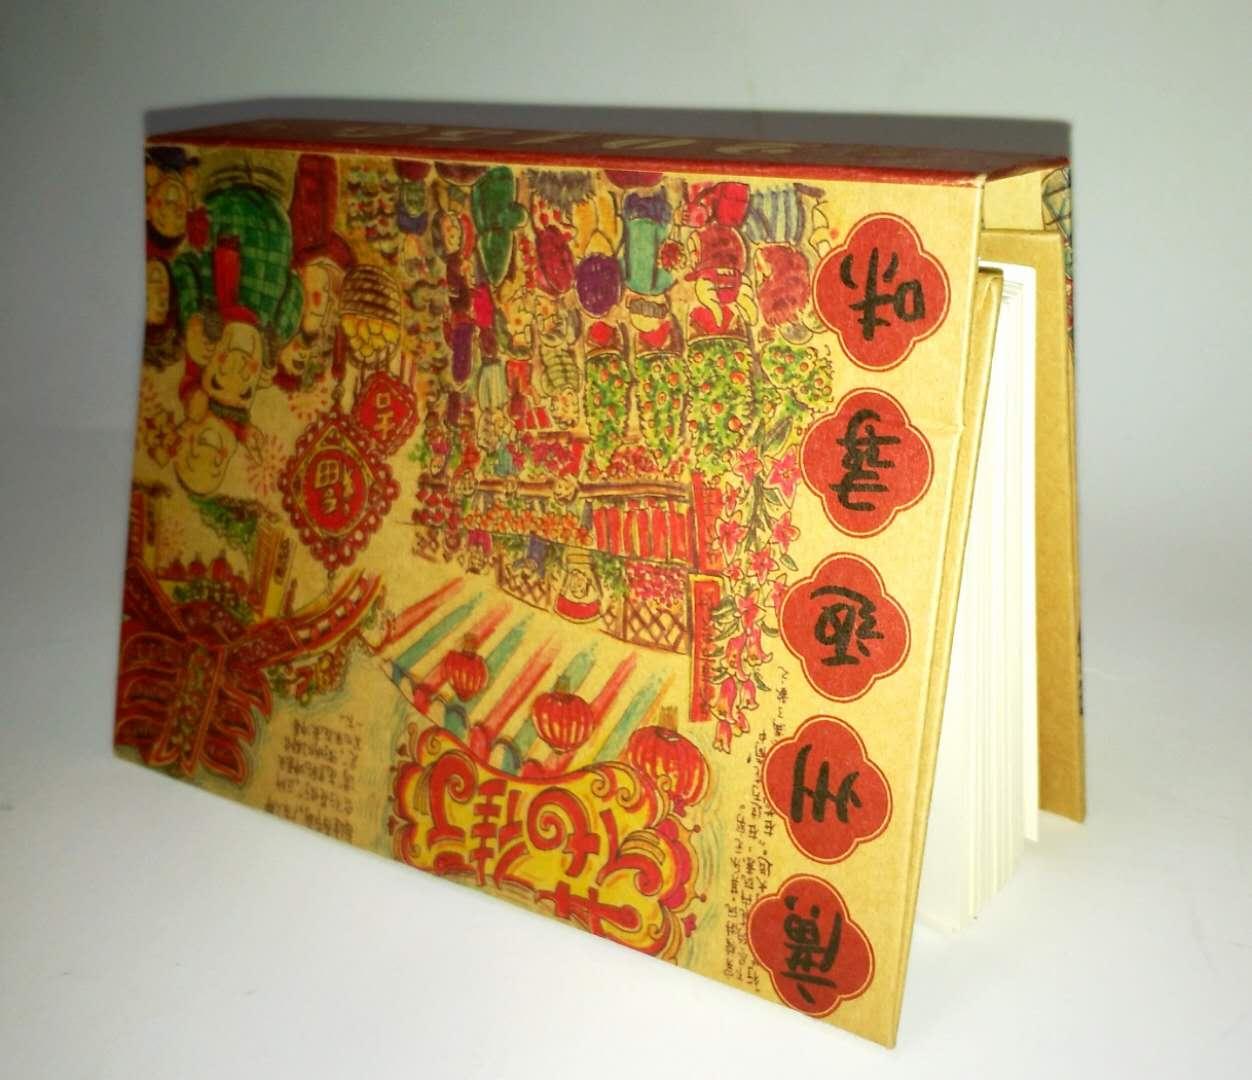 纸制品包装供应商/手挽袋供应商/创诚包装